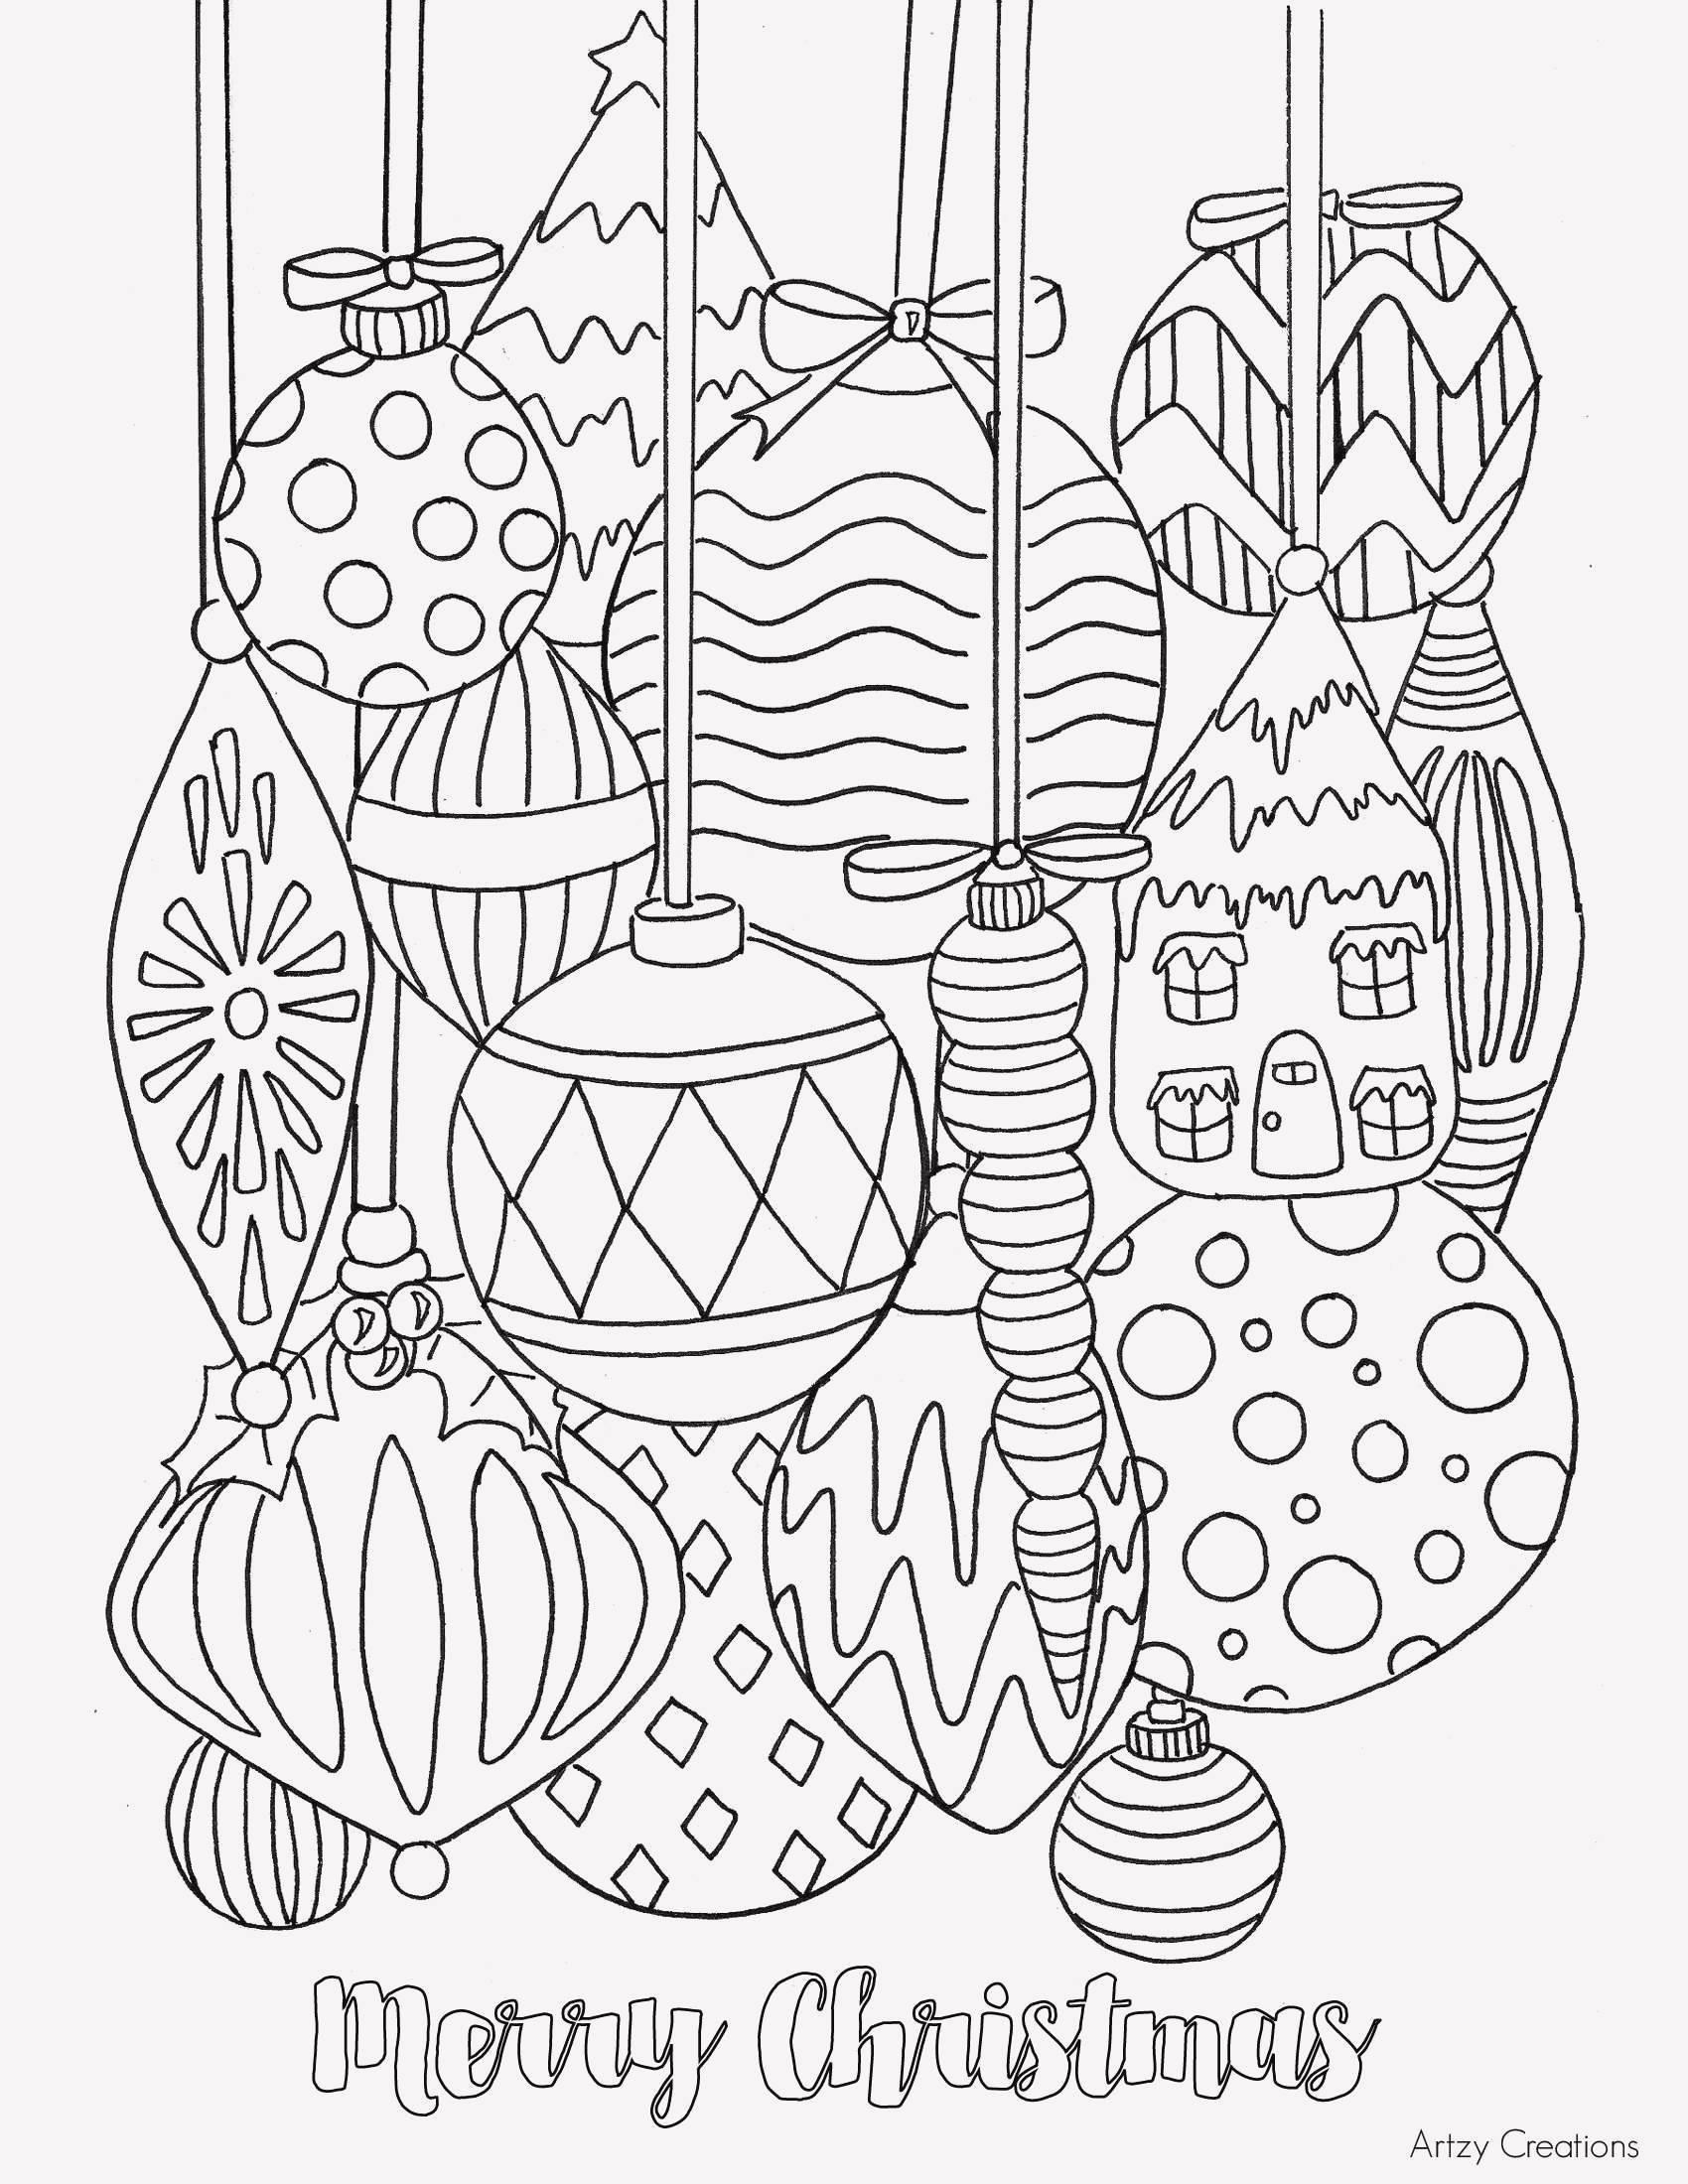 Ausmalbilder Weihnachten Merry Christmas Inspirierend Ausmalbilder Weihnachten Krippe Das Beste Von Ausmalbilder Stock